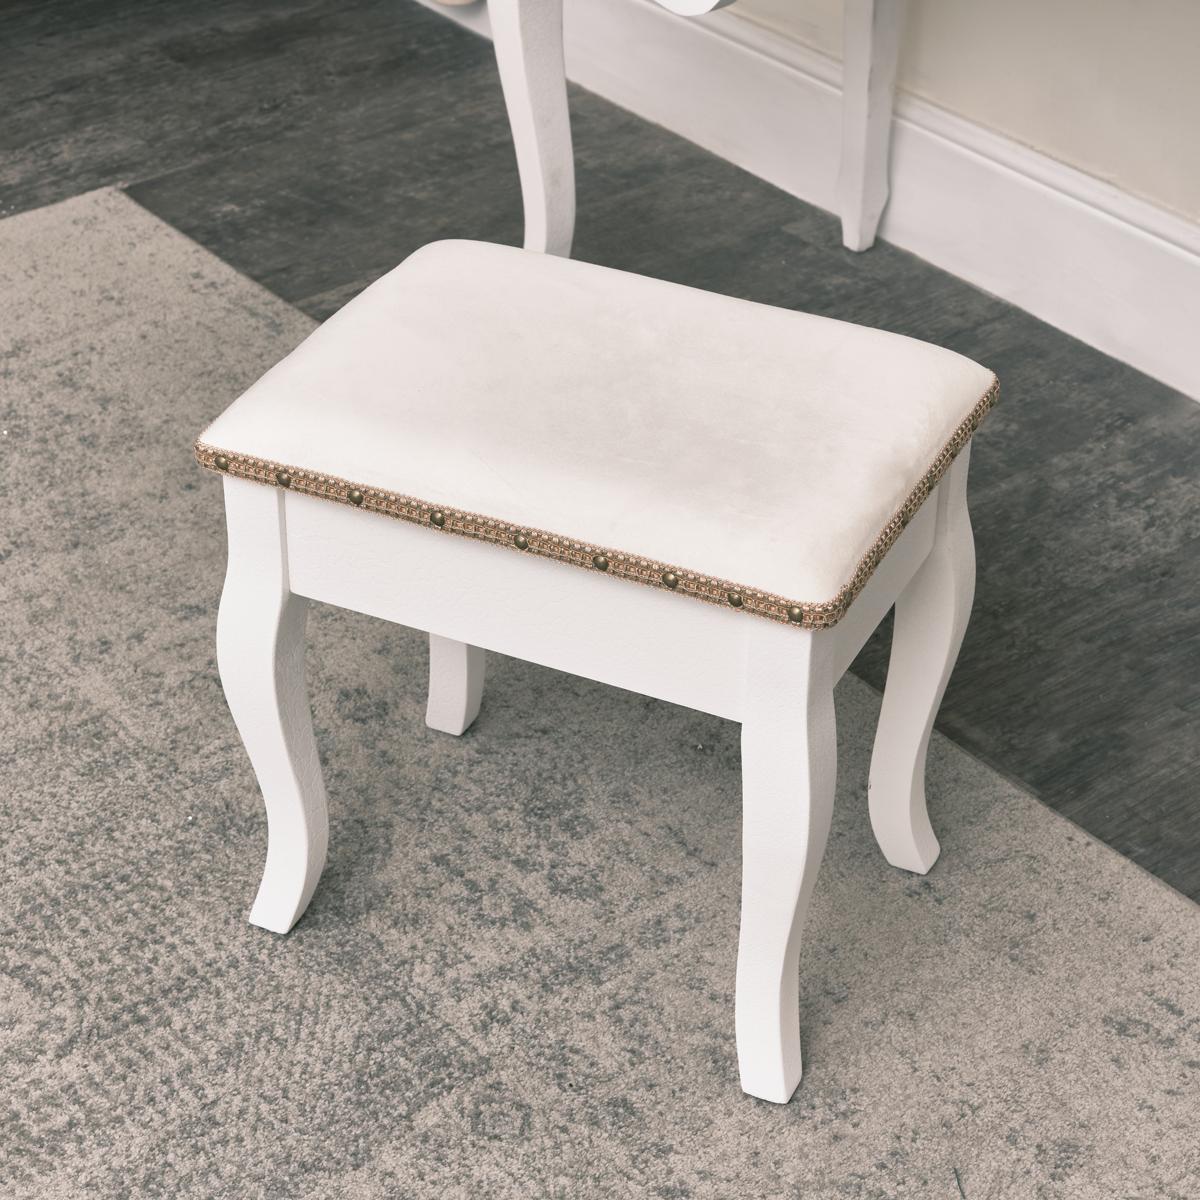 antik wei schminktisch stuhl billig franz sisch chic. Black Bedroom Furniture Sets. Home Design Ideas